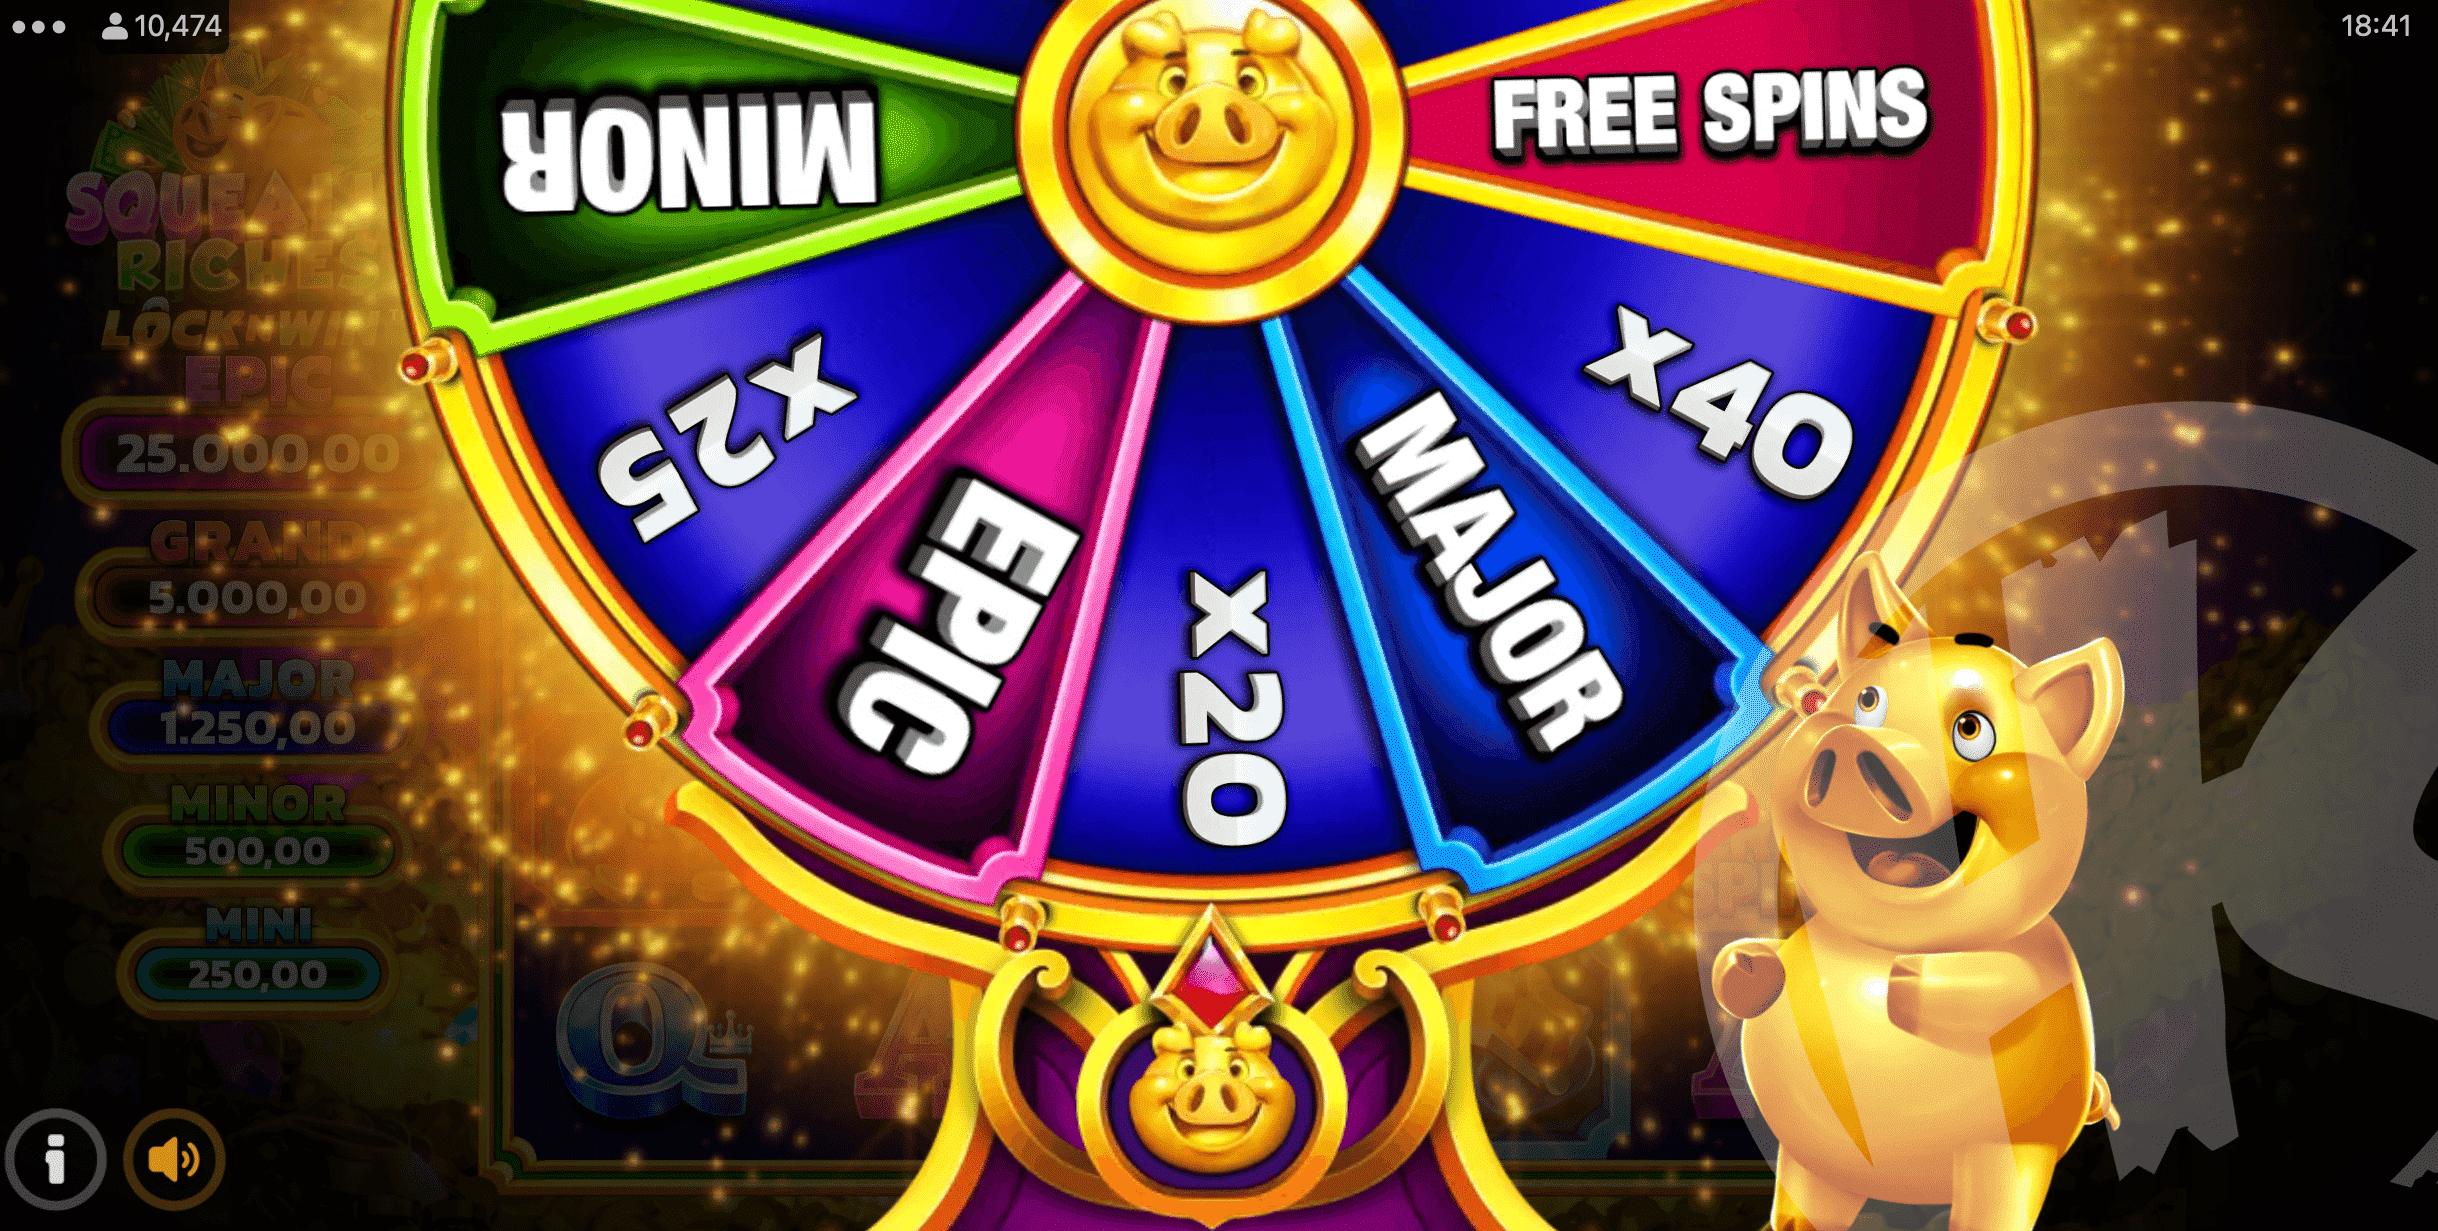 Squealin' Riches LockNWin Bonus Wheel